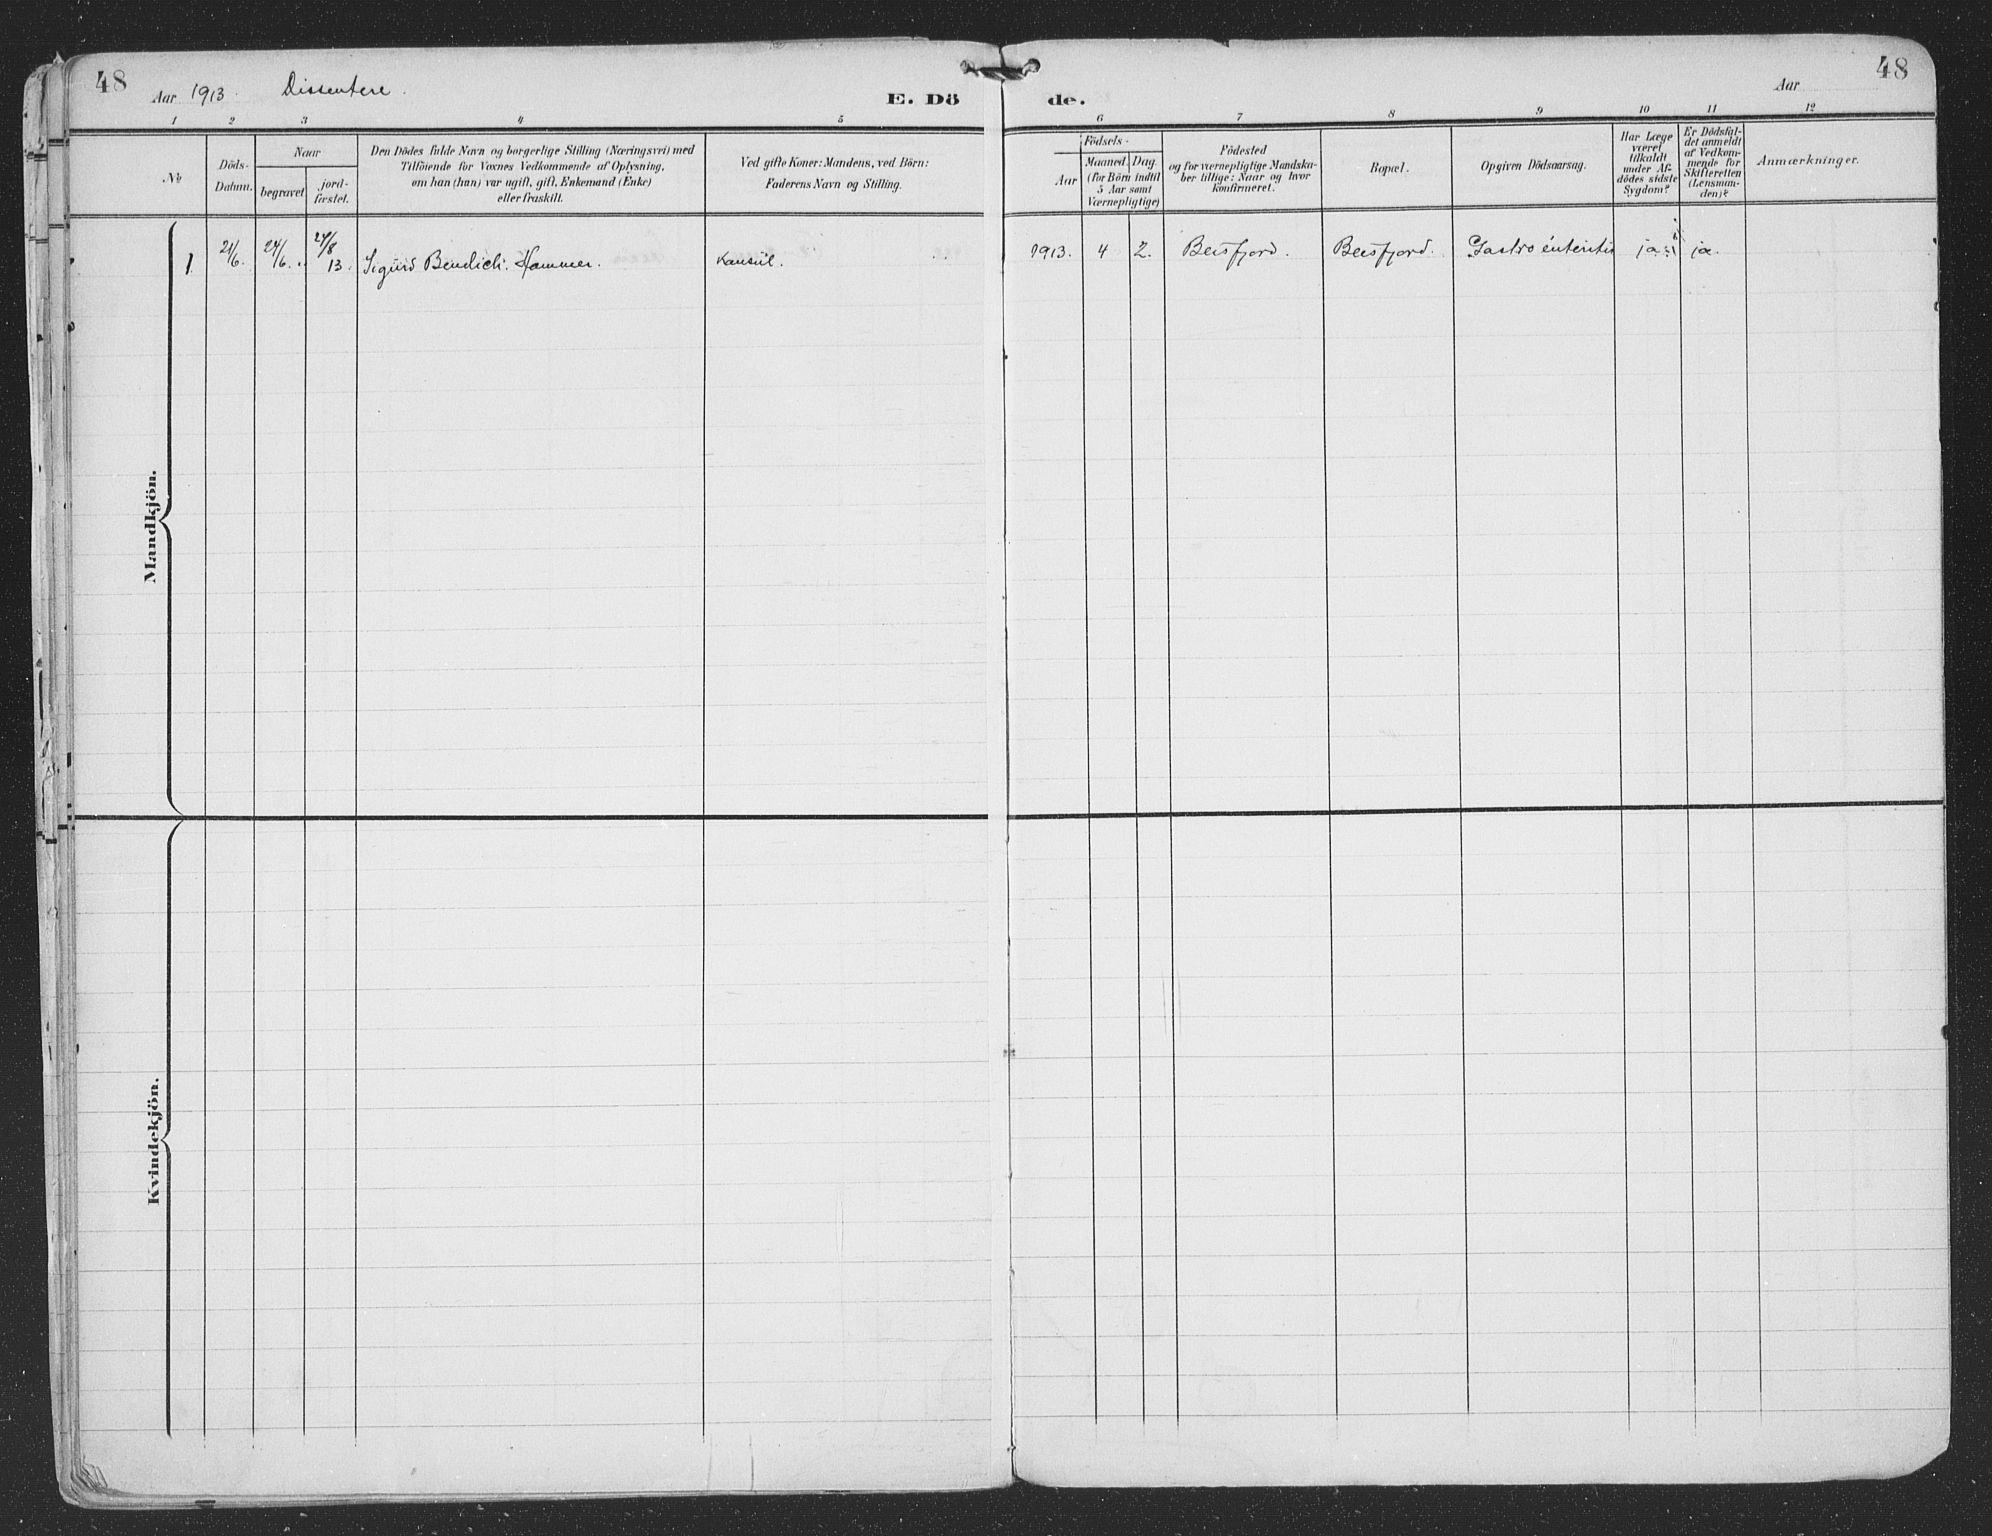 SAT, Ministerialprotokoller, klokkerbøker og fødselsregistre - Nordland, 866/L0940: Parish register (official) no. 866A03, 1902-1926, p. 48